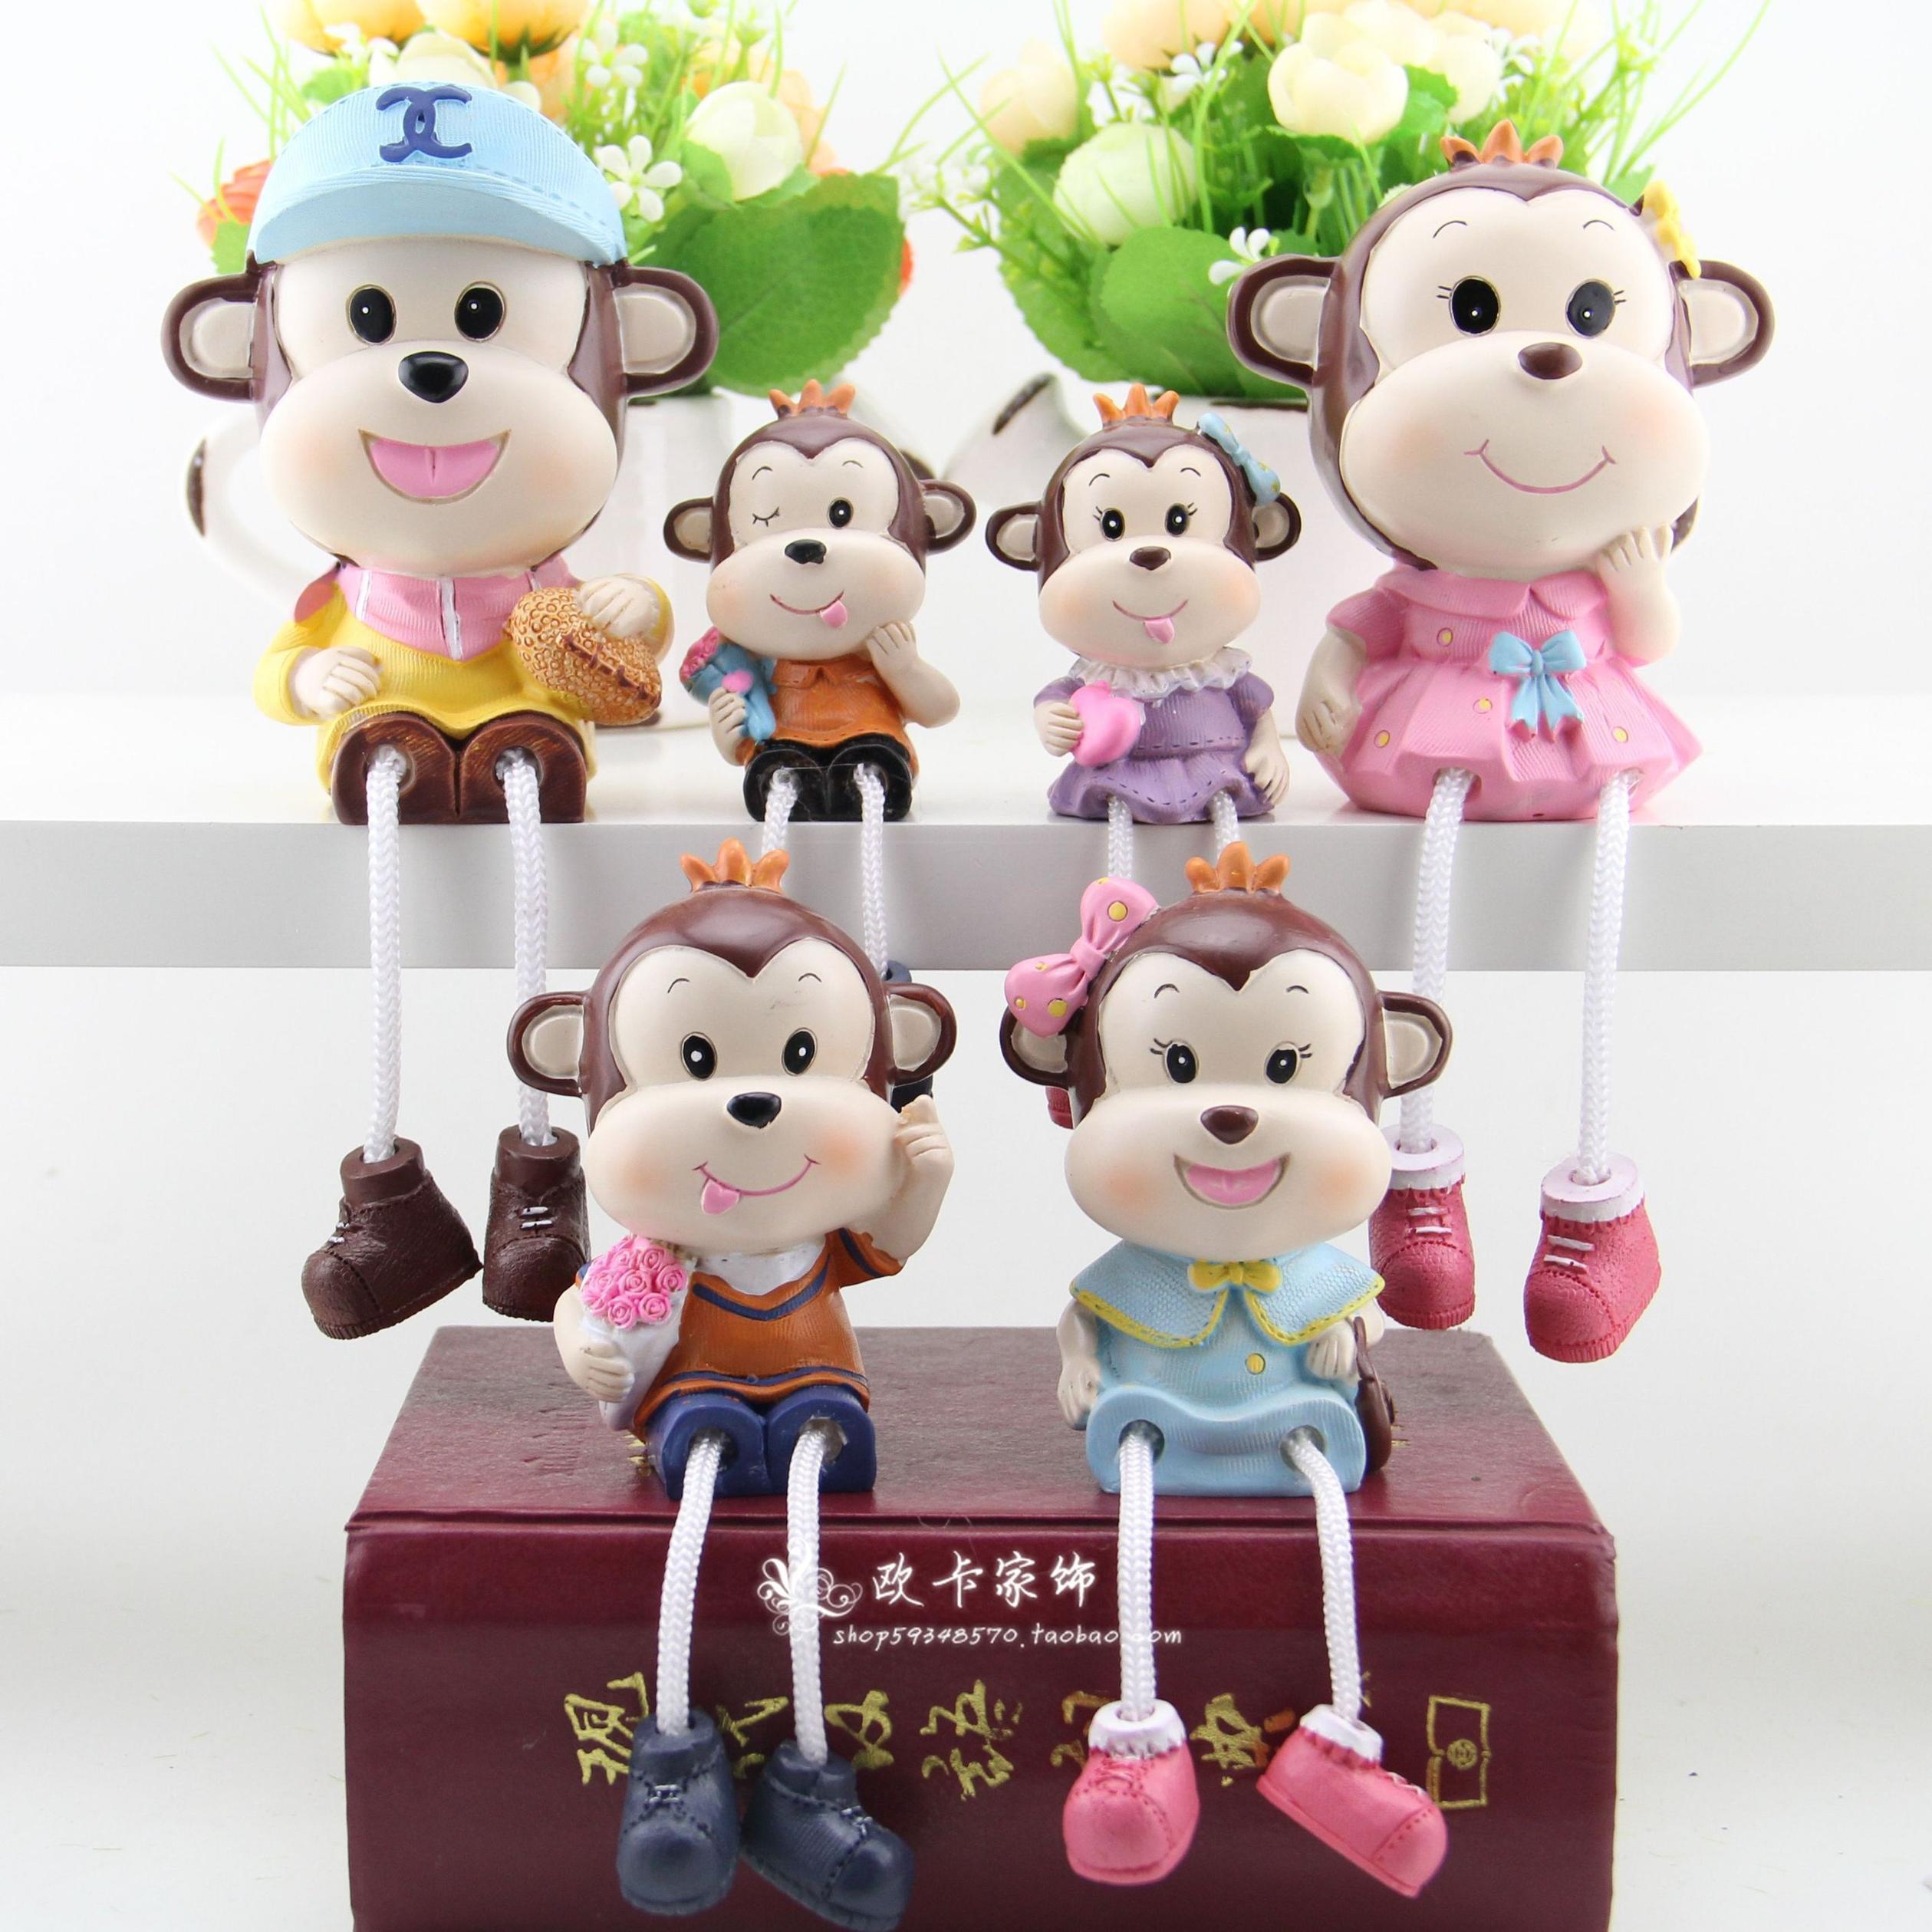 简约现代居家客厅软装饰品树脂娃娃猴子吊脚娃娃一家动物摆件创意